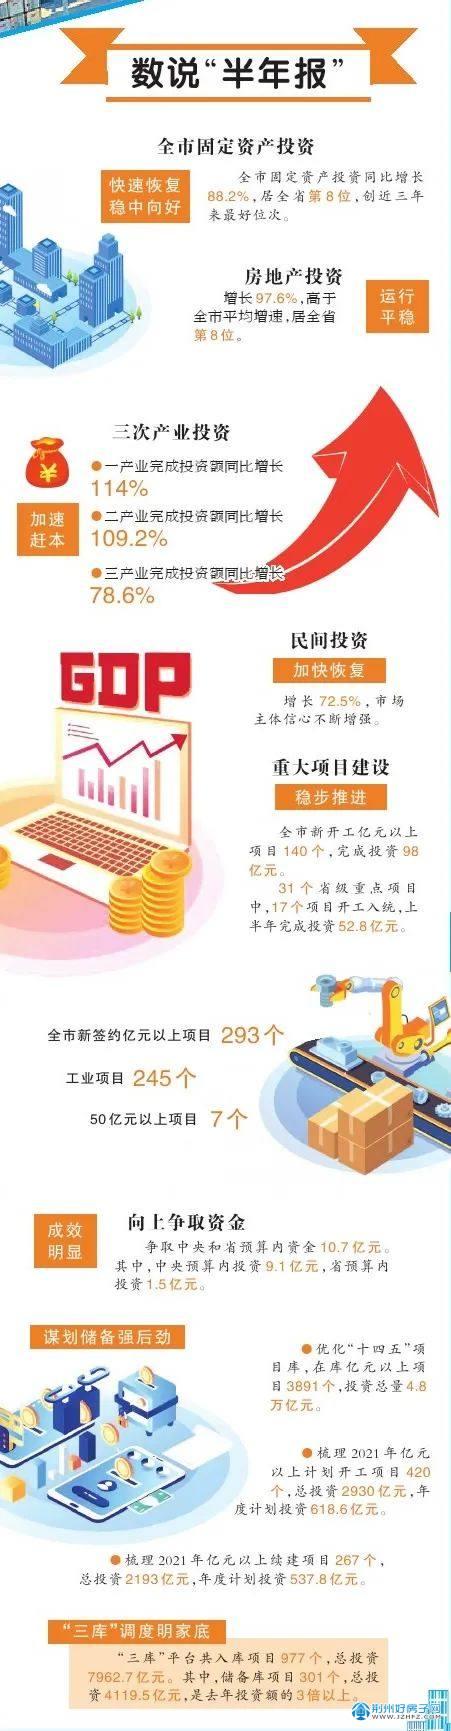 """荆州市固定资产投资""""半年报""""出炉 增长88.2%"""